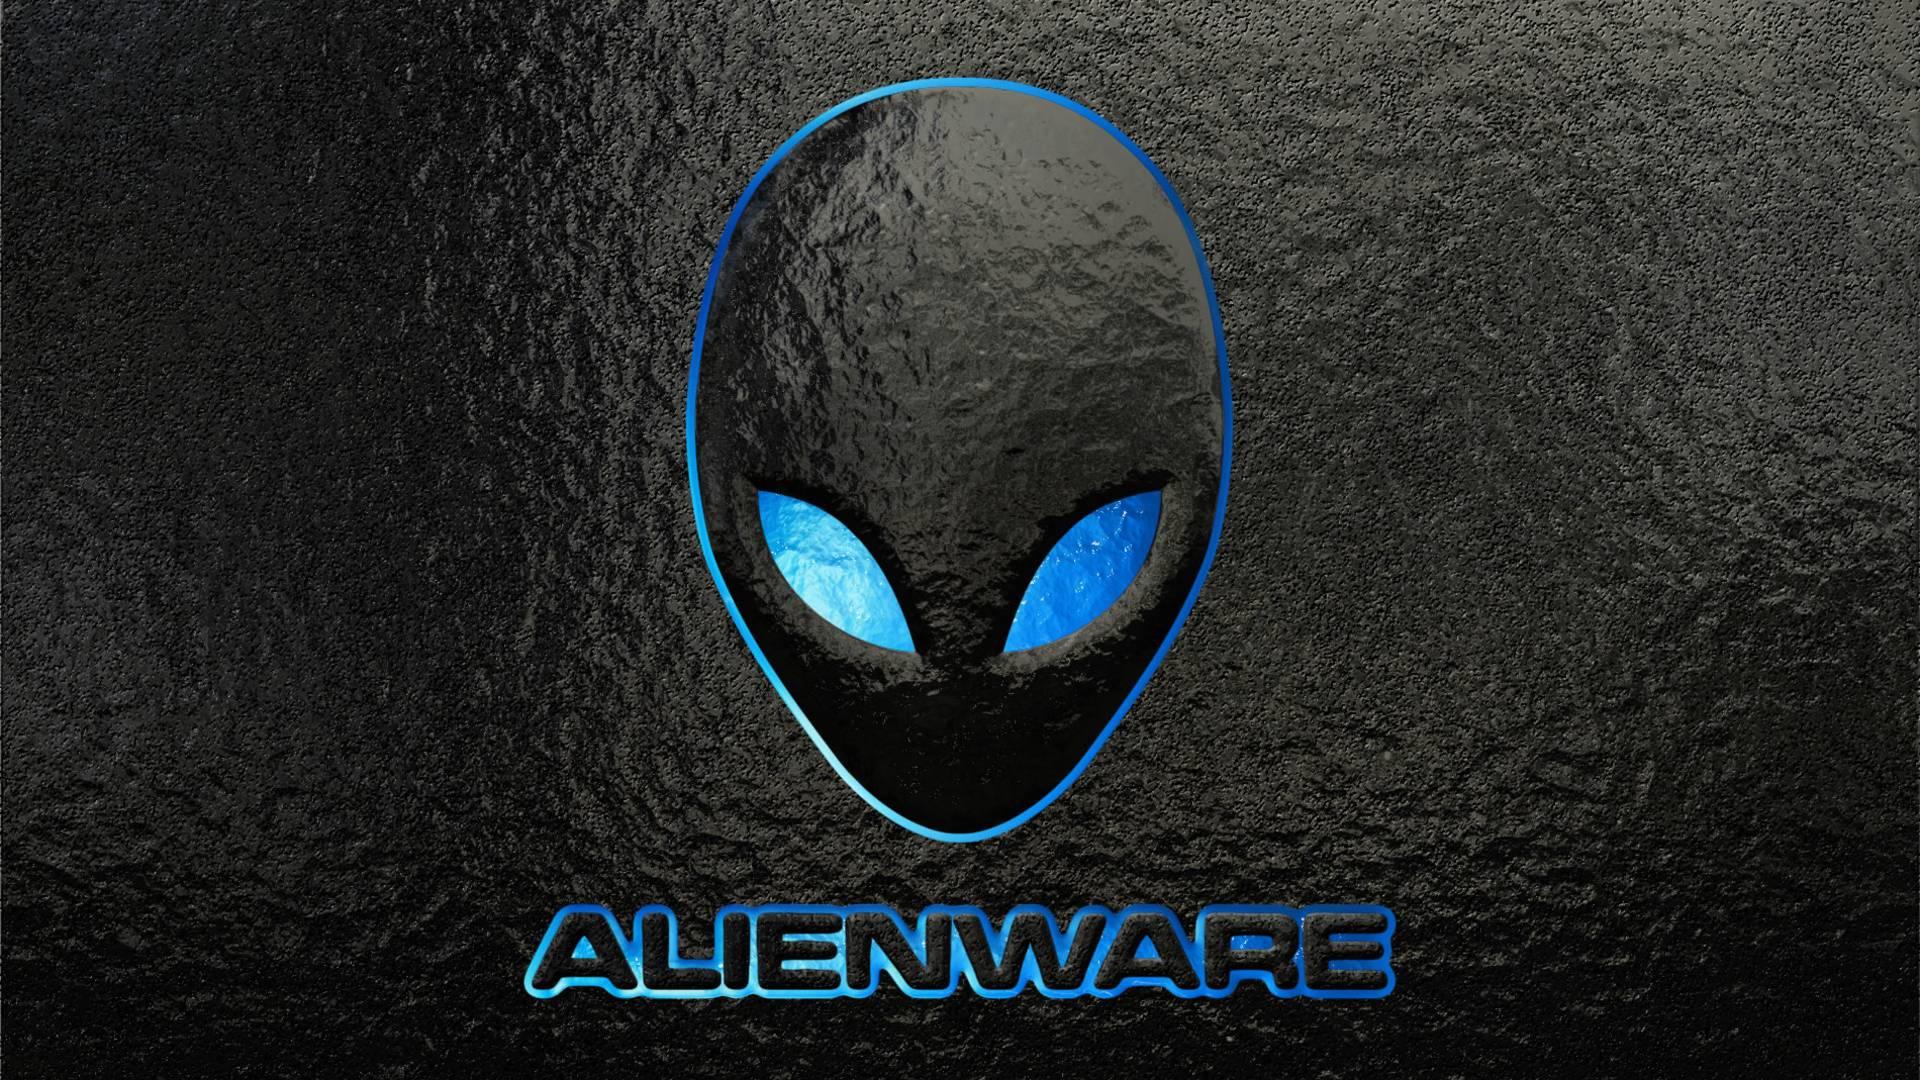 alienware wallpapers 1920x1080 wallpaper cave